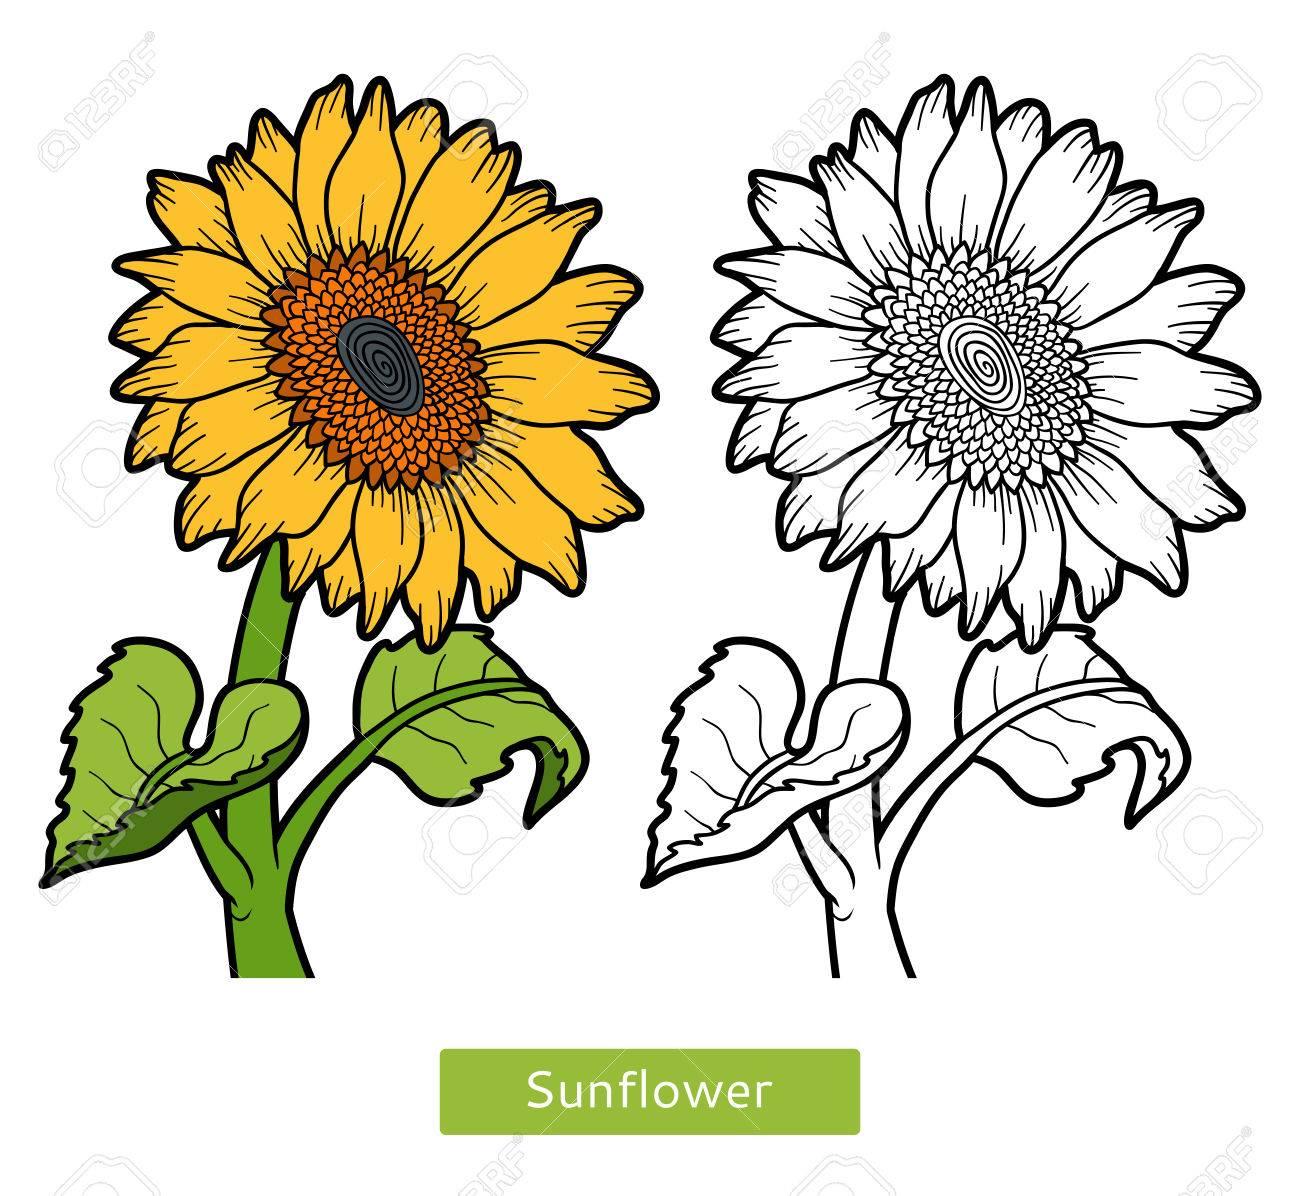 ひまわりの花の子供のための塗り絵のイラスト素材ベクタ Image 64872602